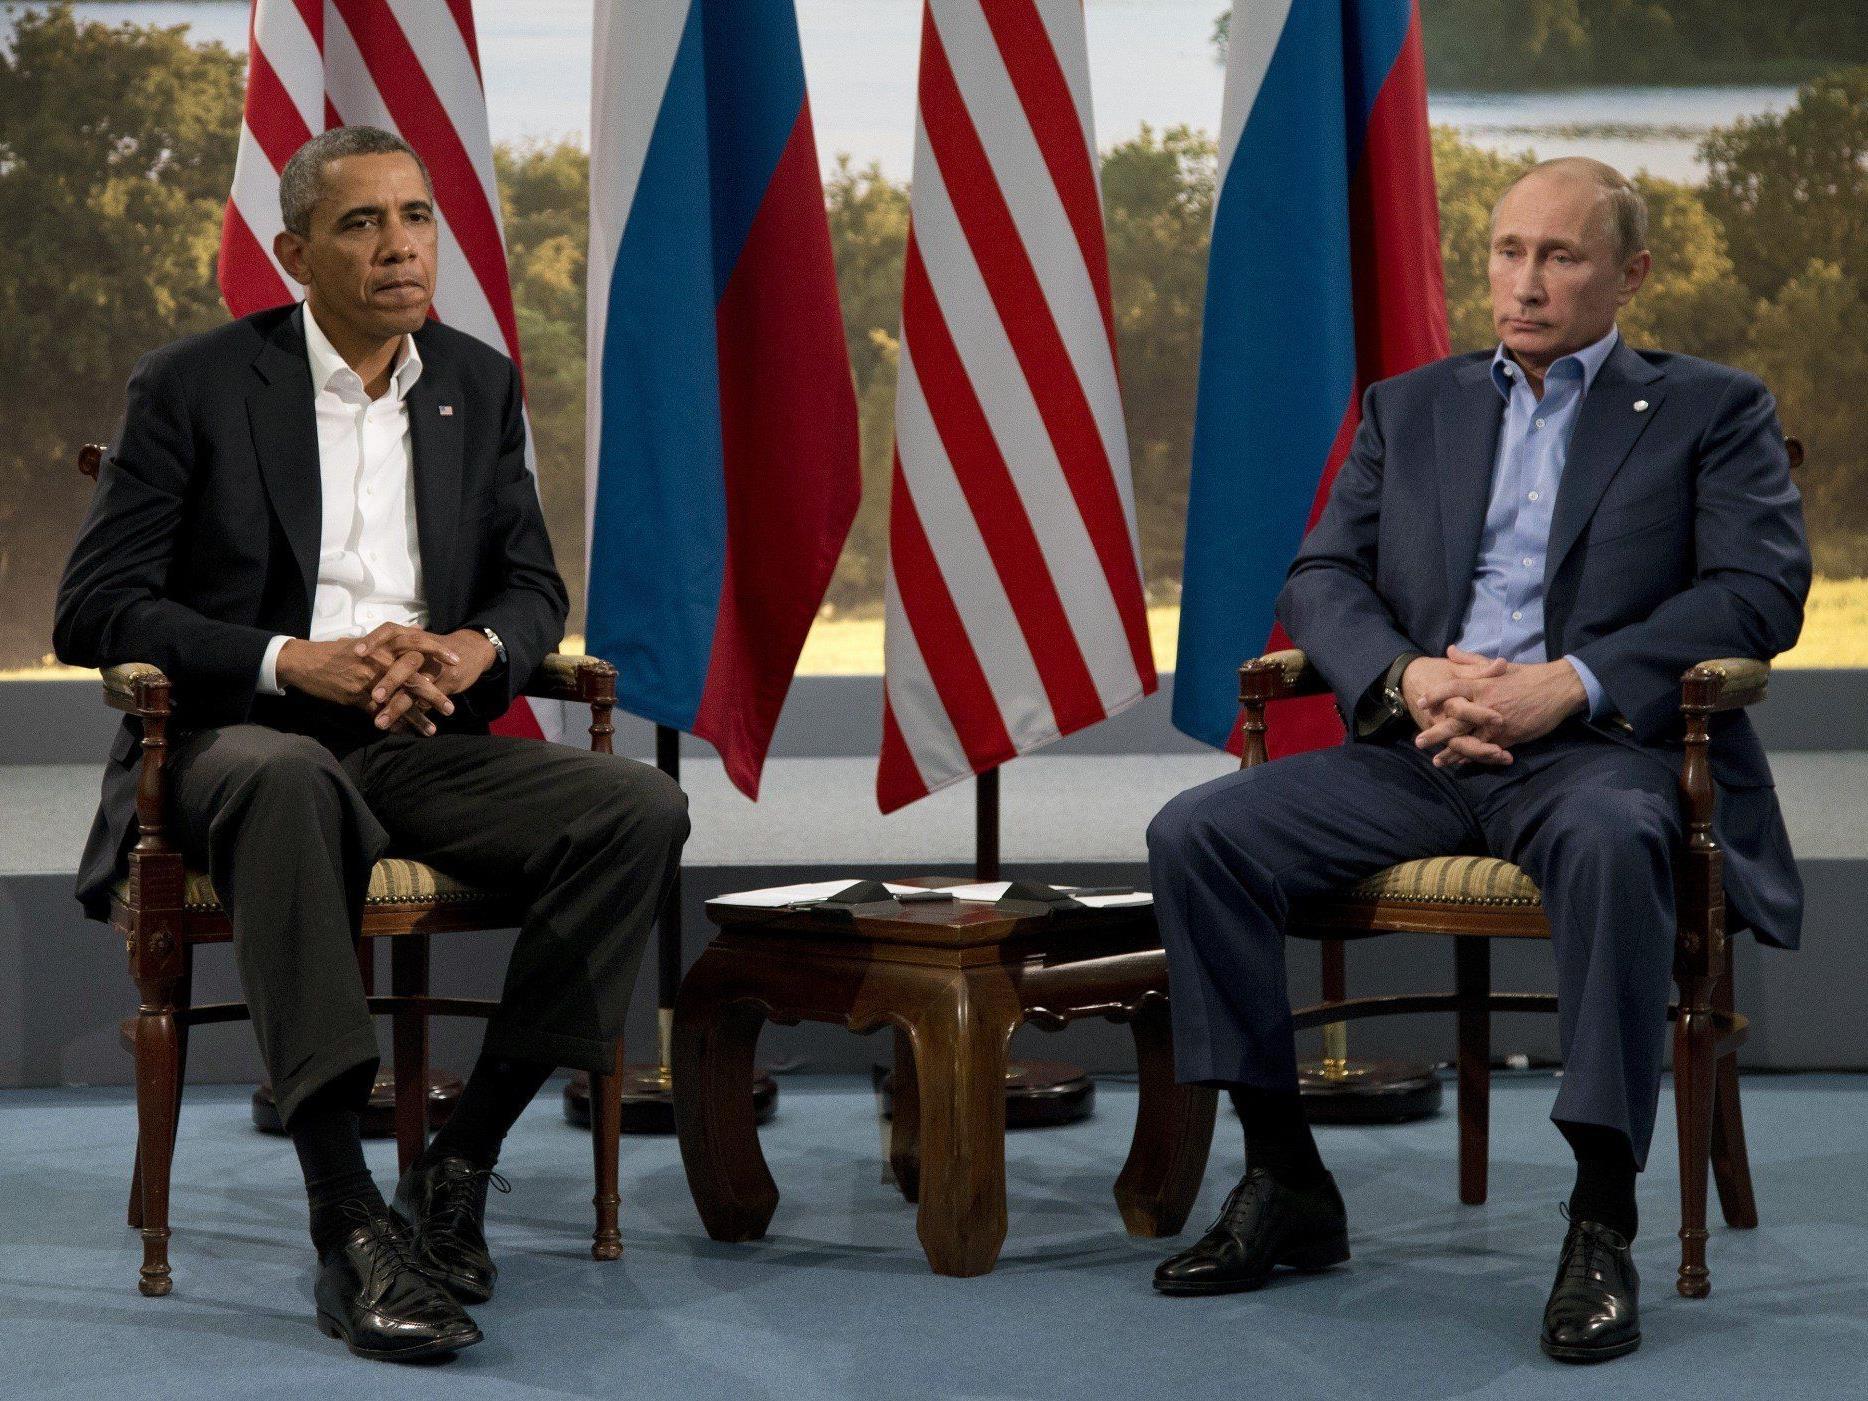 Die Präsidenten Russlands und der USA hätten viel zu besprechen